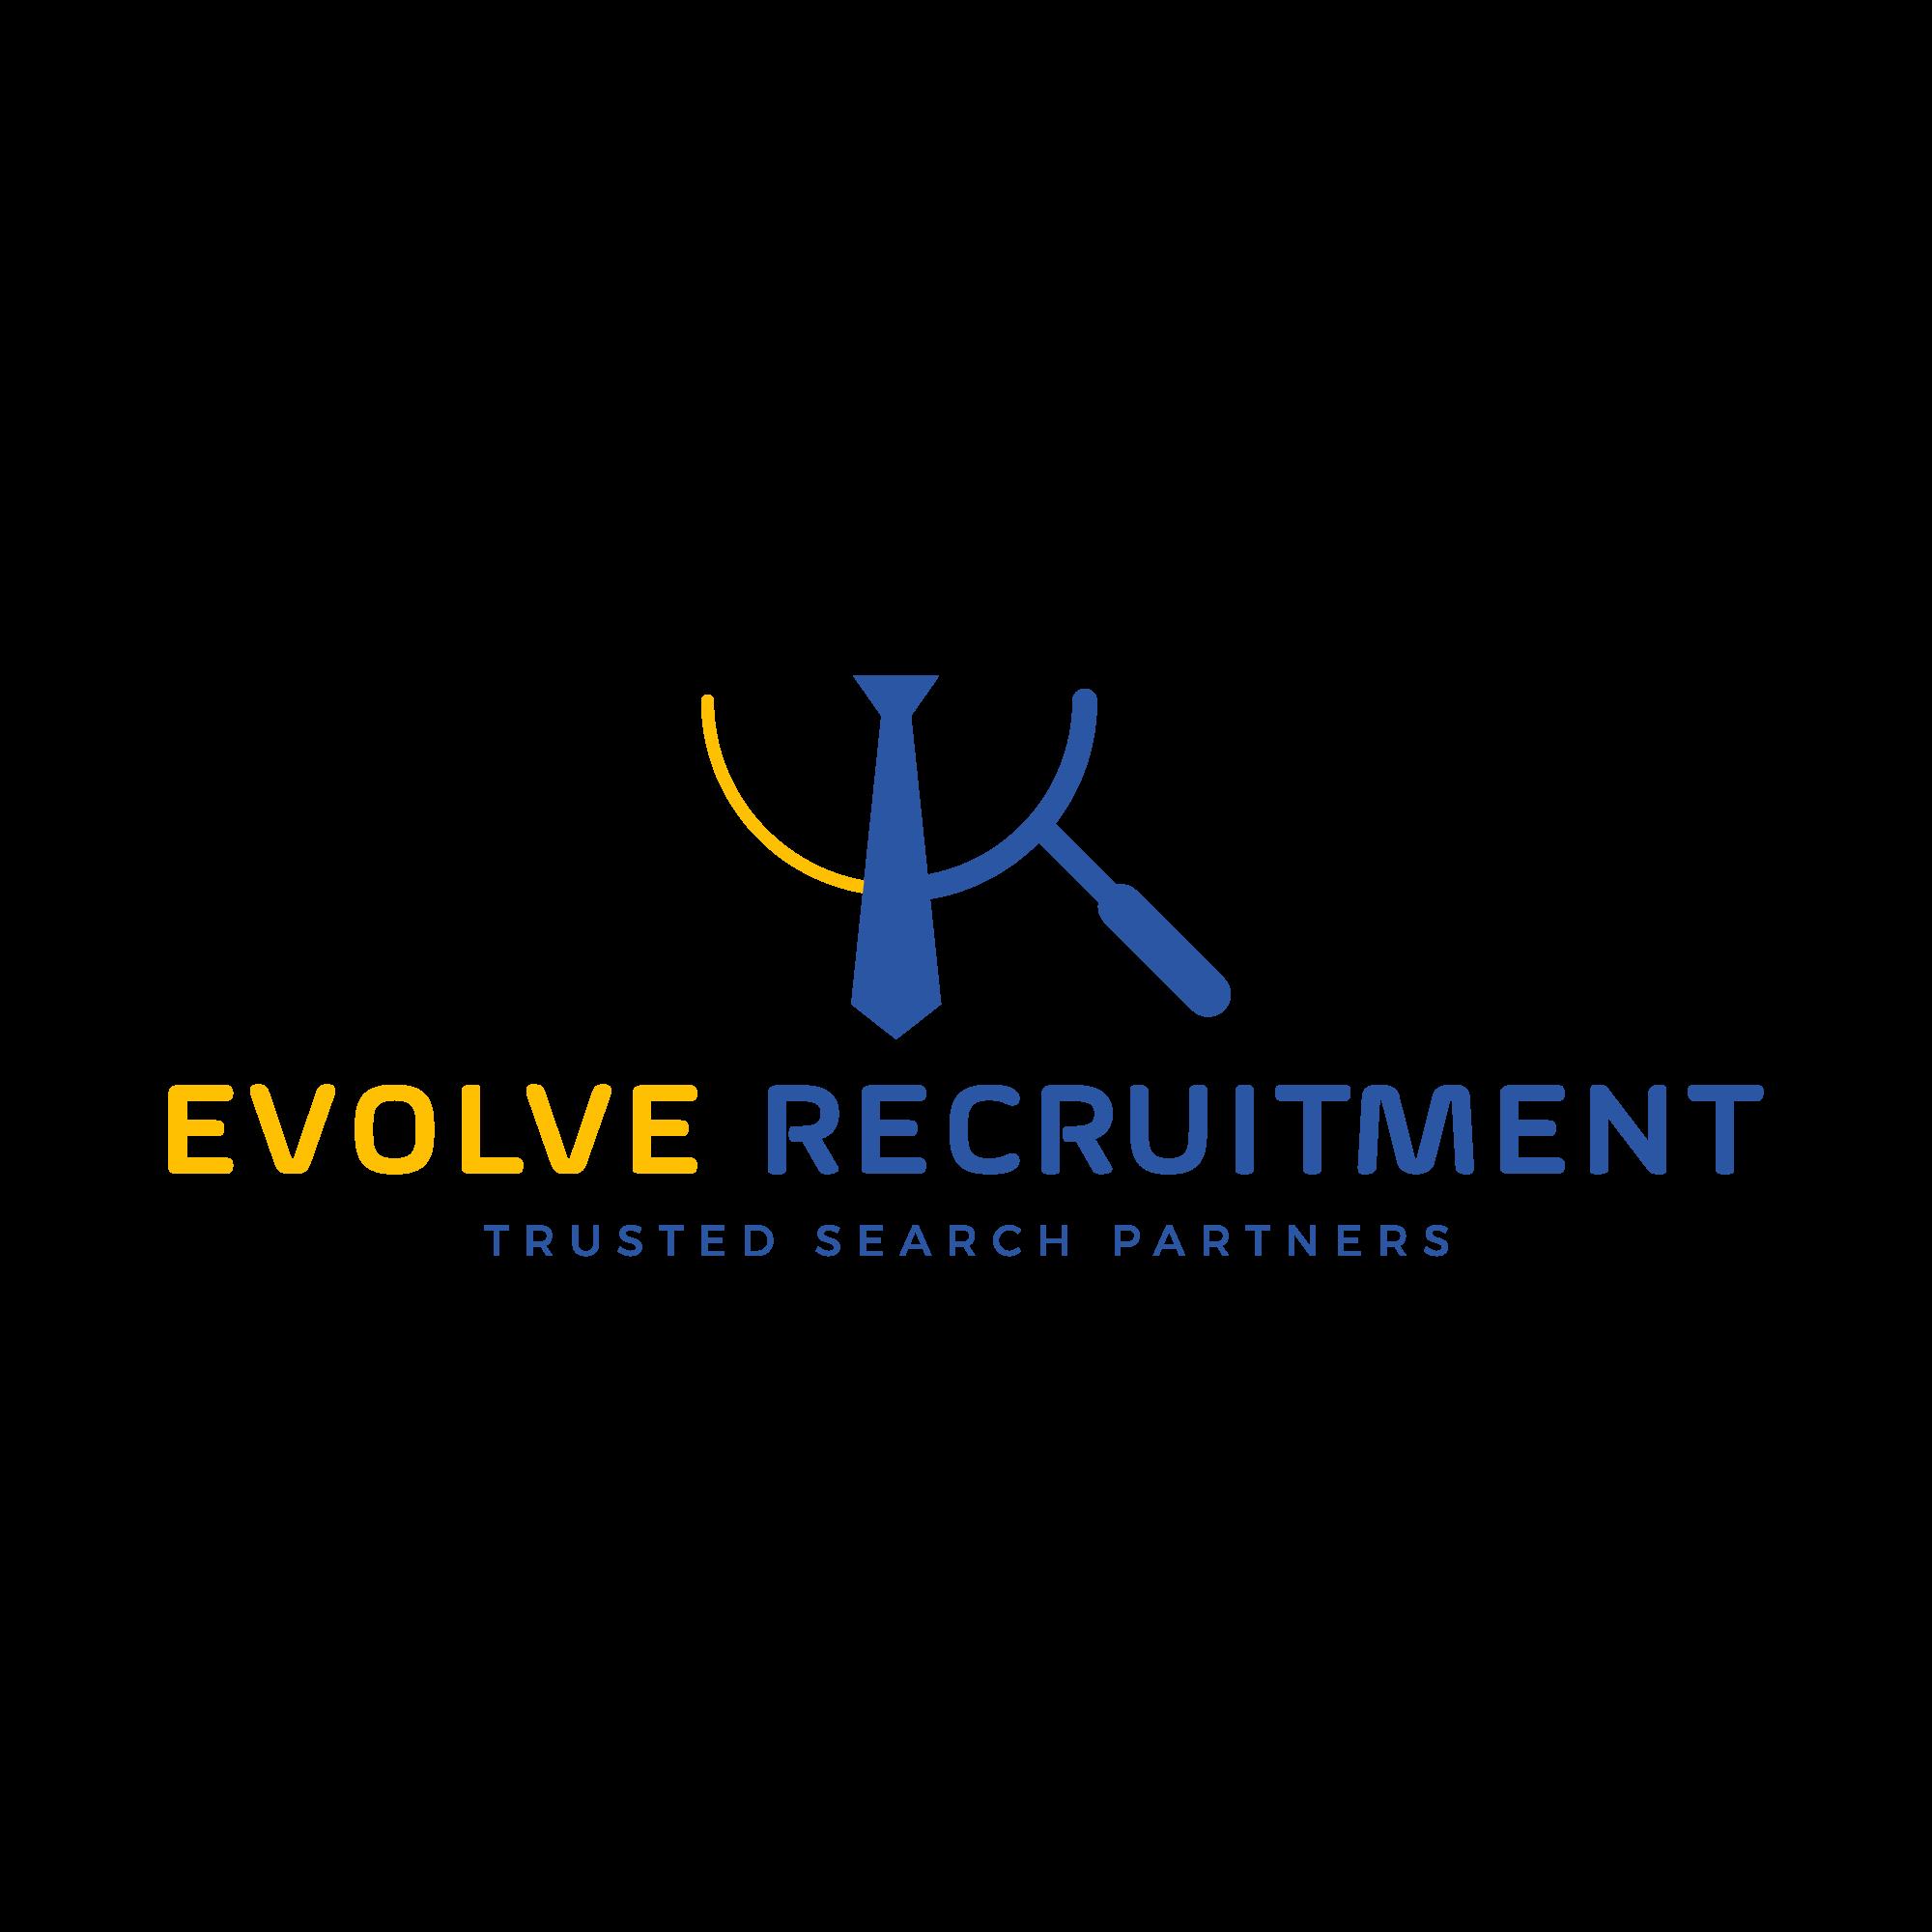 https://ca.mncjobz.com/company/evolve-recruitment-ltd